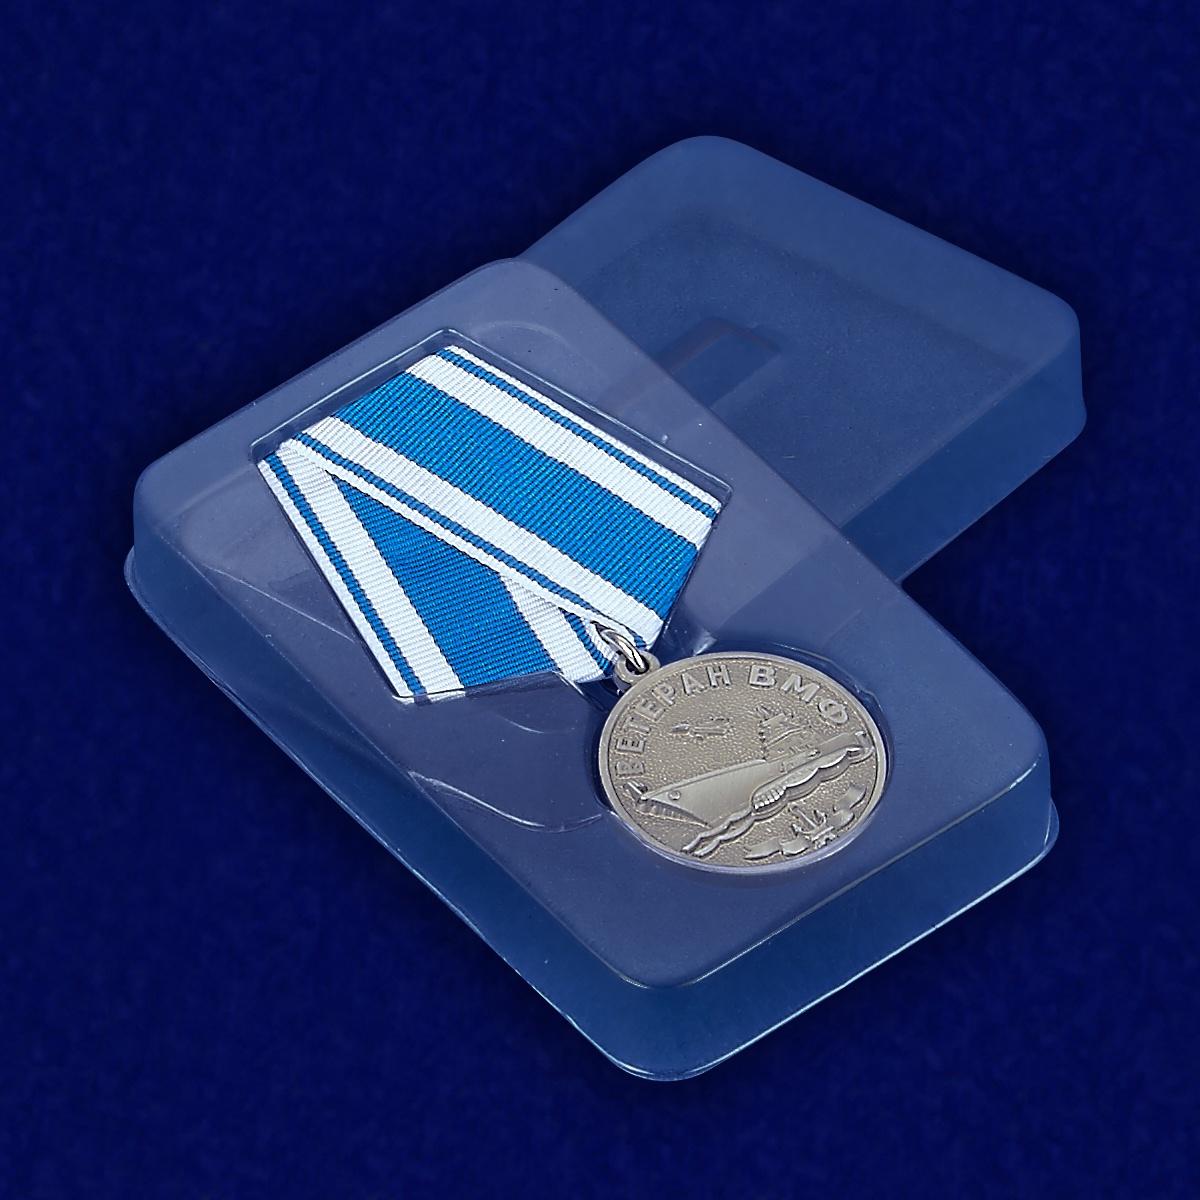 Медаль Ветеран ВМФ «За службу Отечеству на морях» - вид в футляре